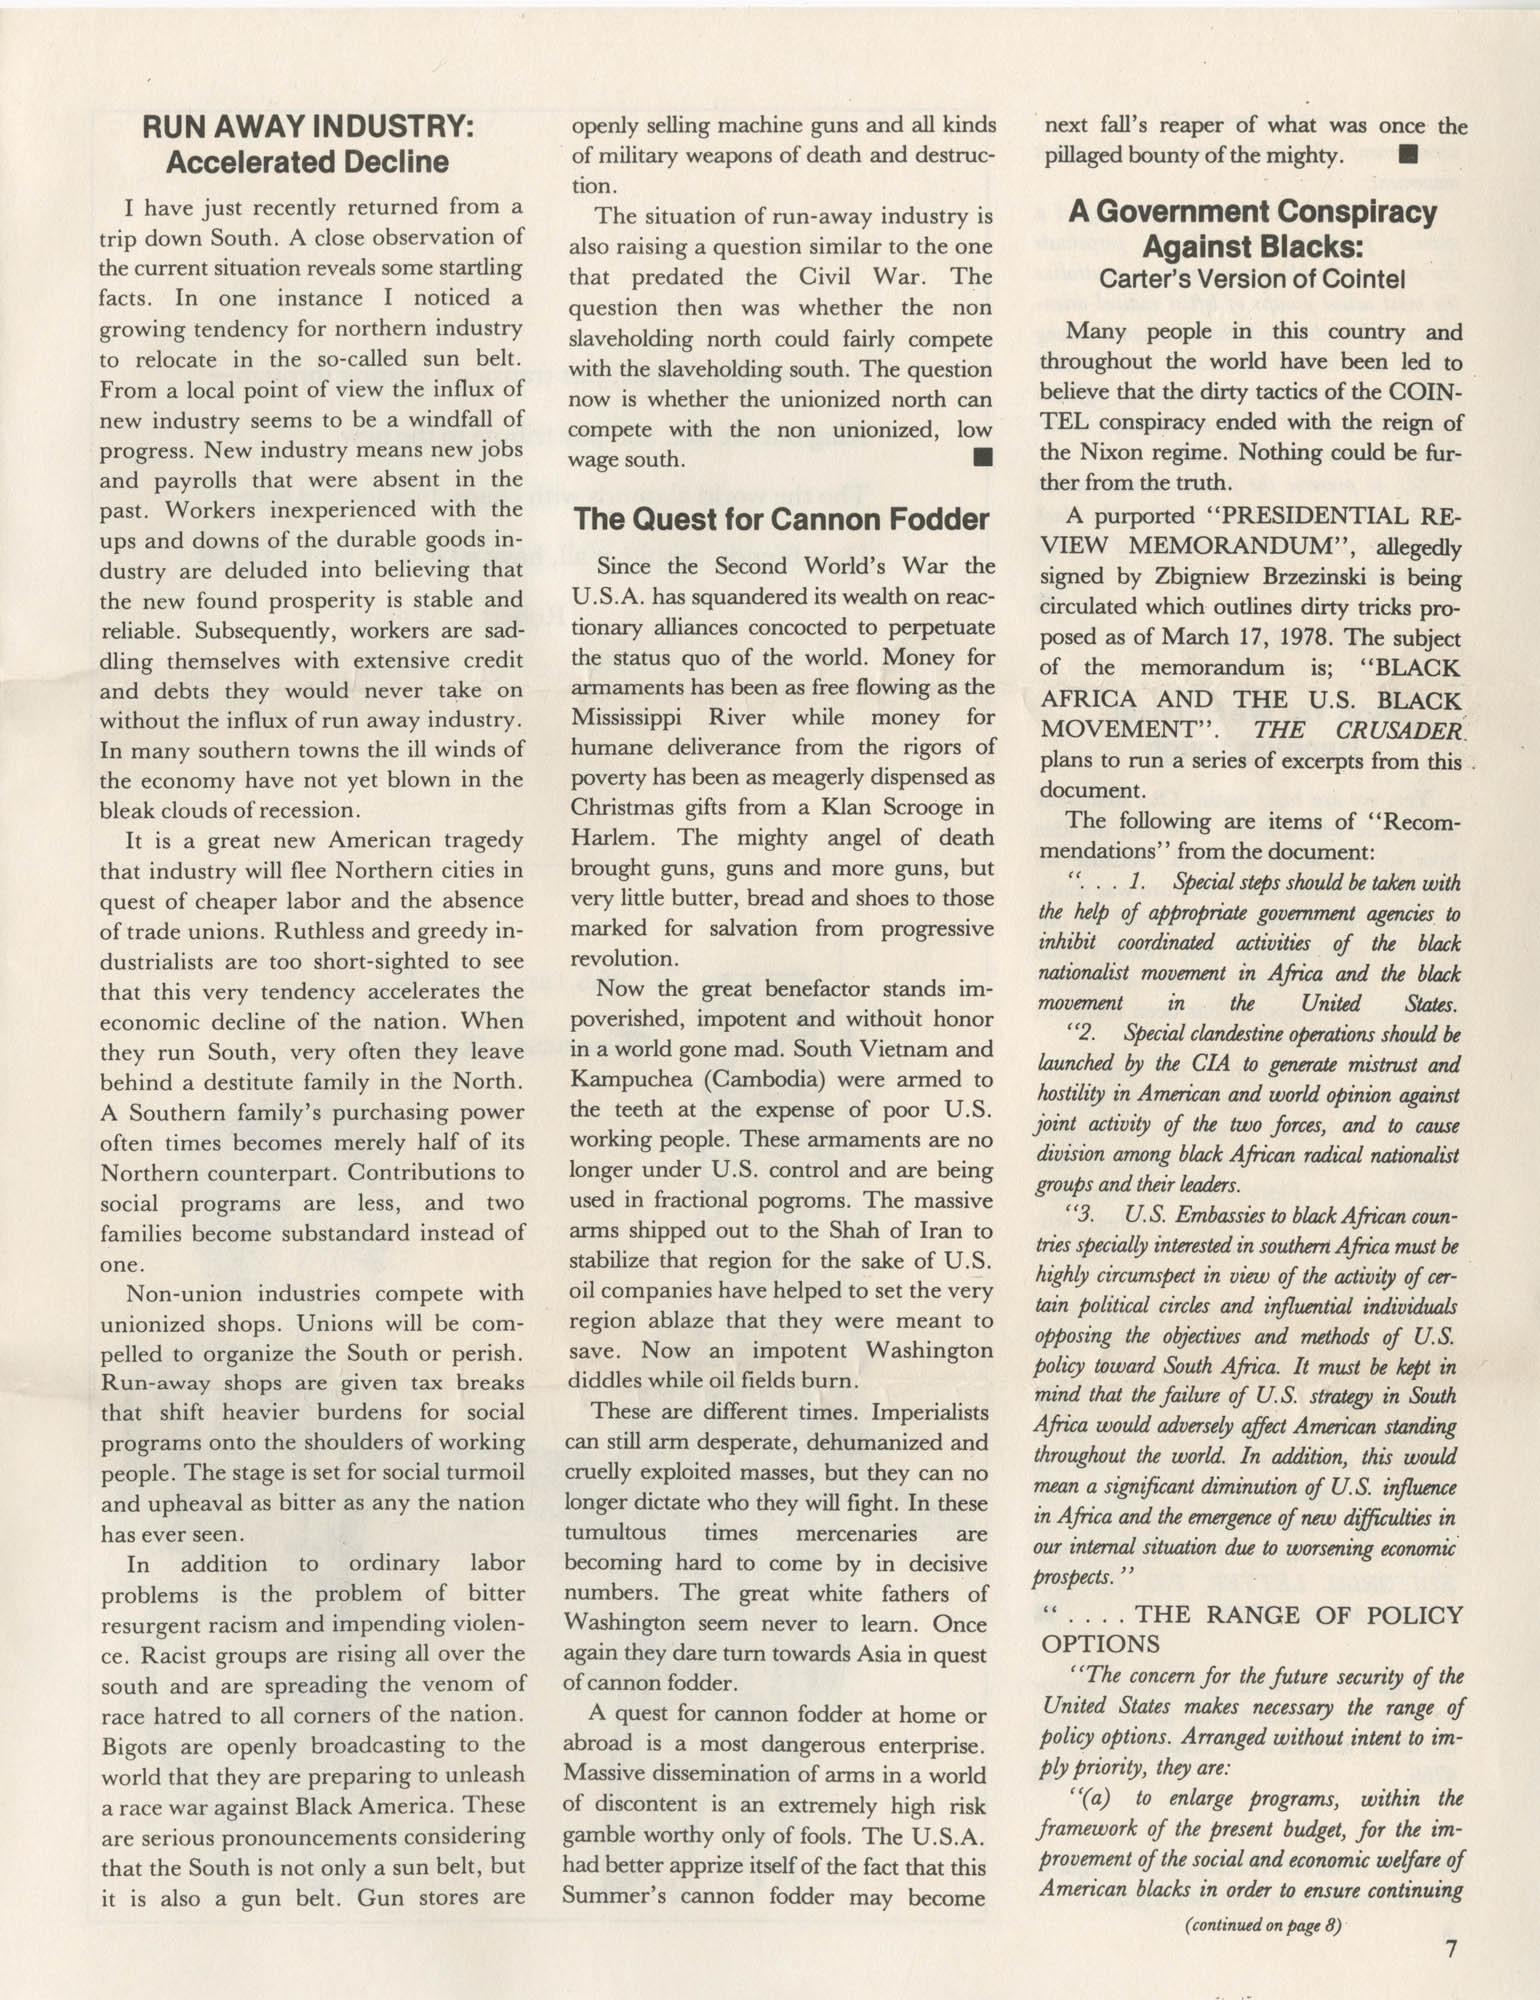 The Crusader, Vol. XII, No. 1, Page 7